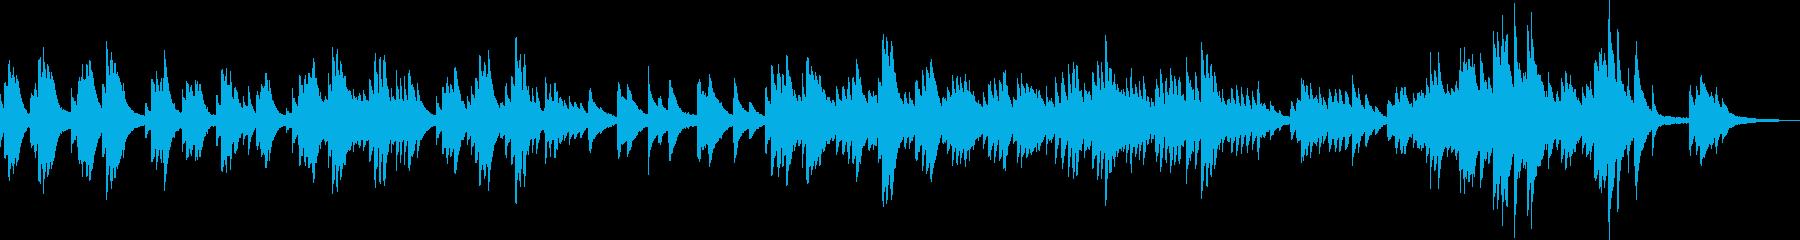 変わらない風景(ピアノソロ)の再生済みの波形